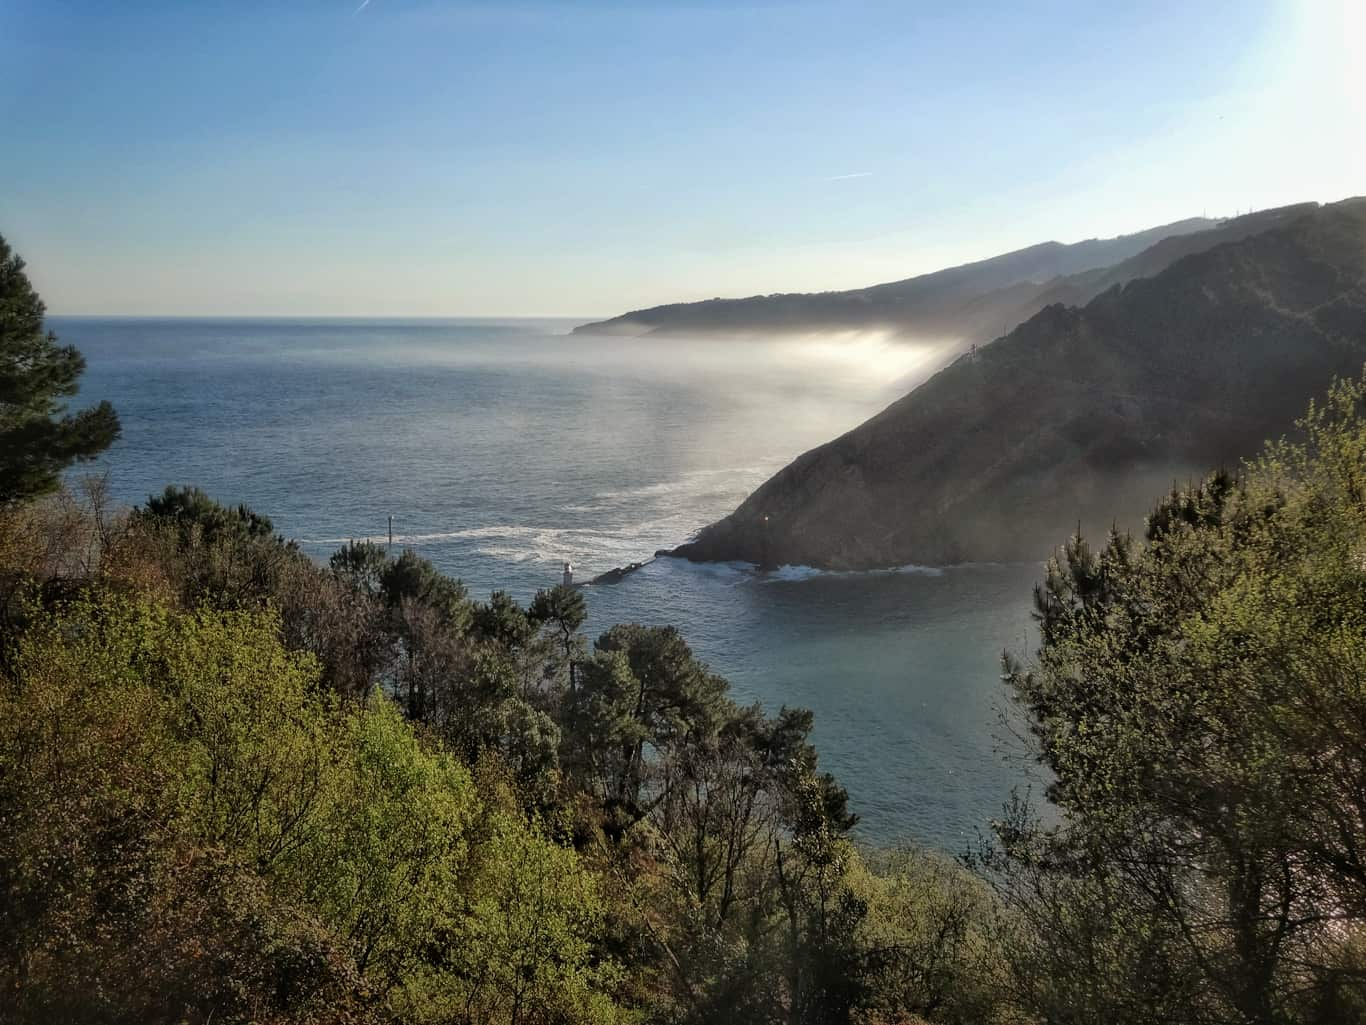 Jakobsweg Wetter: Nebel an der Küste